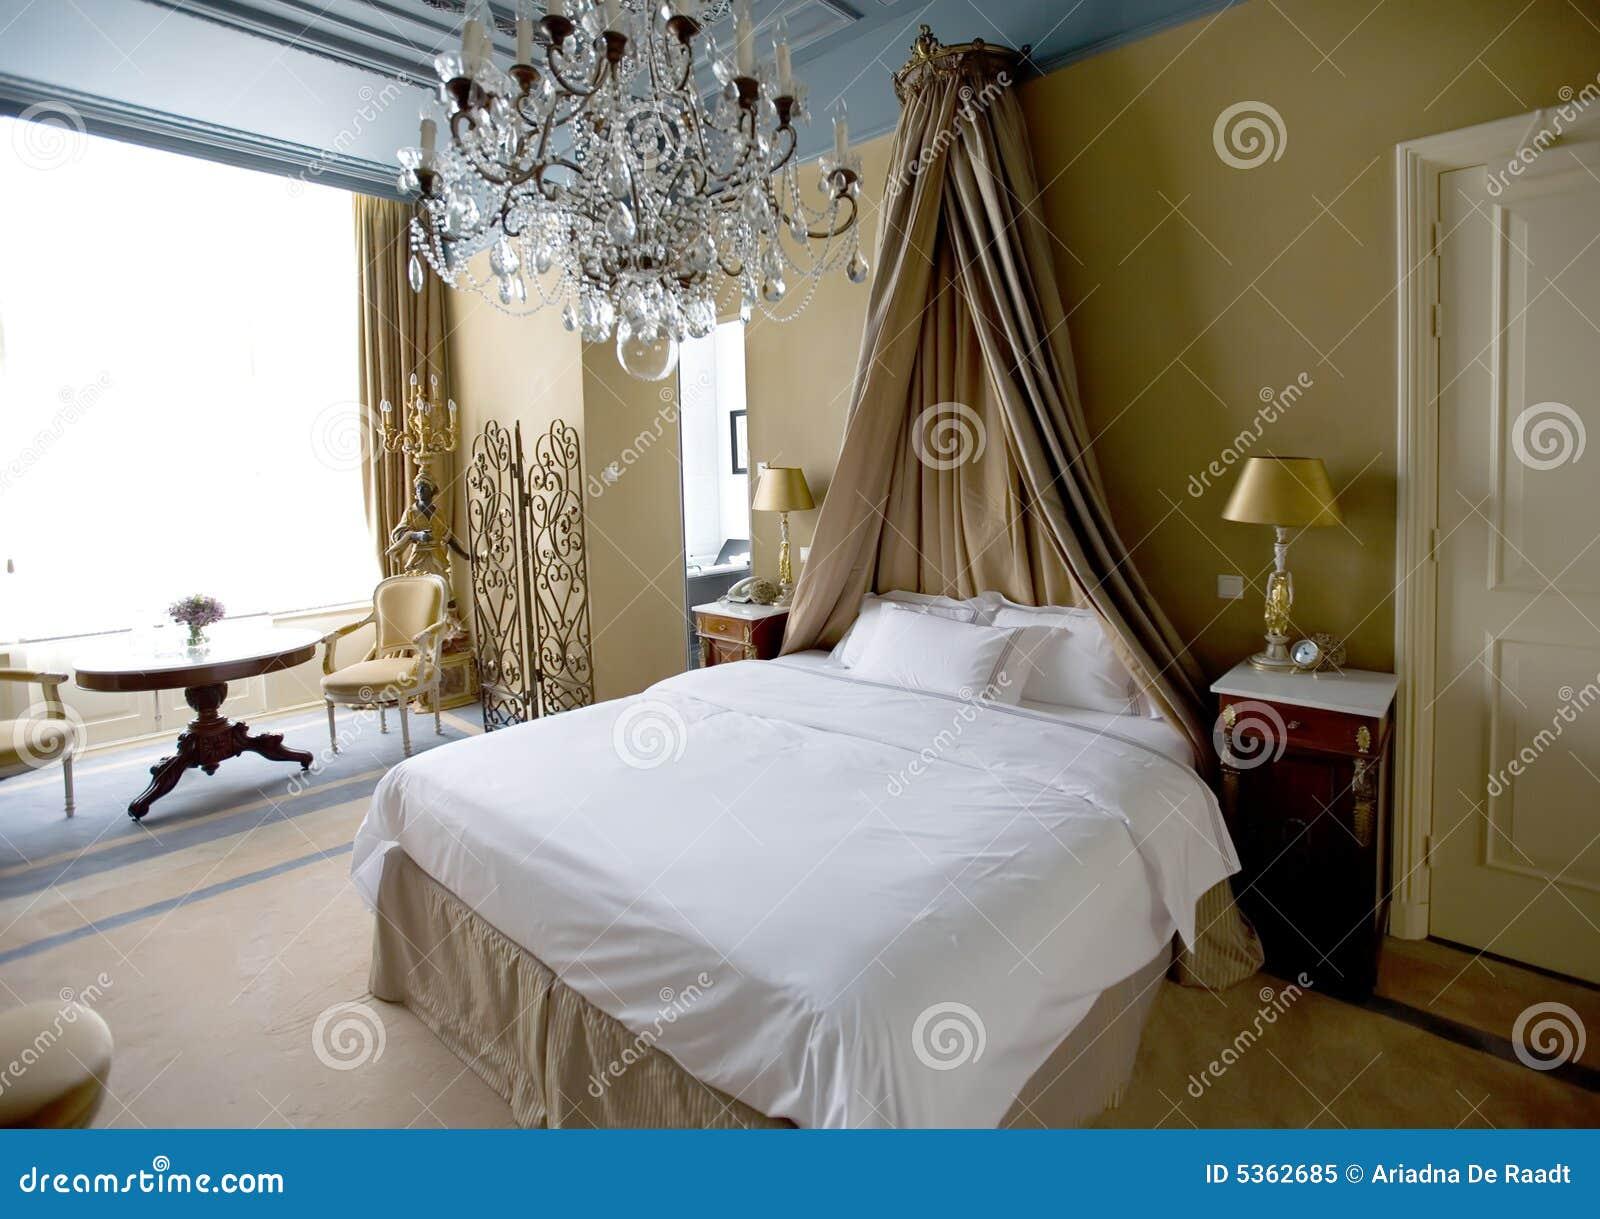 camera da letto classica immagine stock immagine di casa 5362685. Black Bedroom Furniture Sets. Home Design Ideas